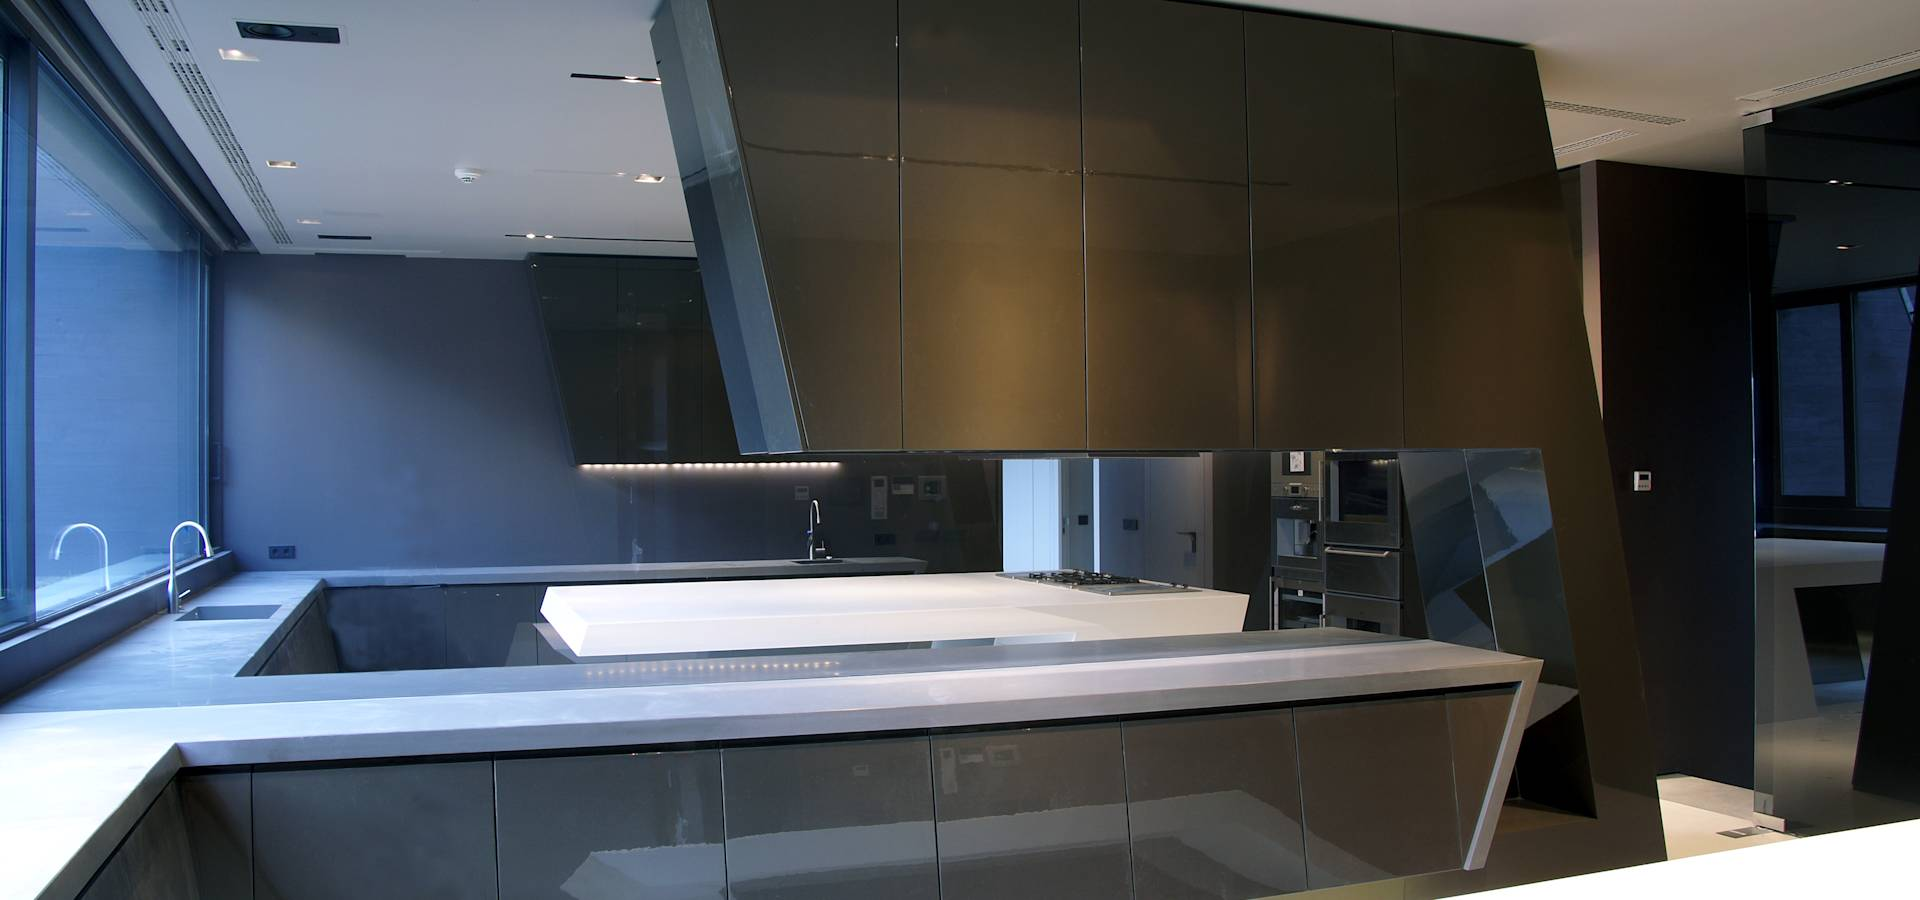 Muebles de cocina aries dise adores de cocinas en madrid - Disenadores de cocinas ...